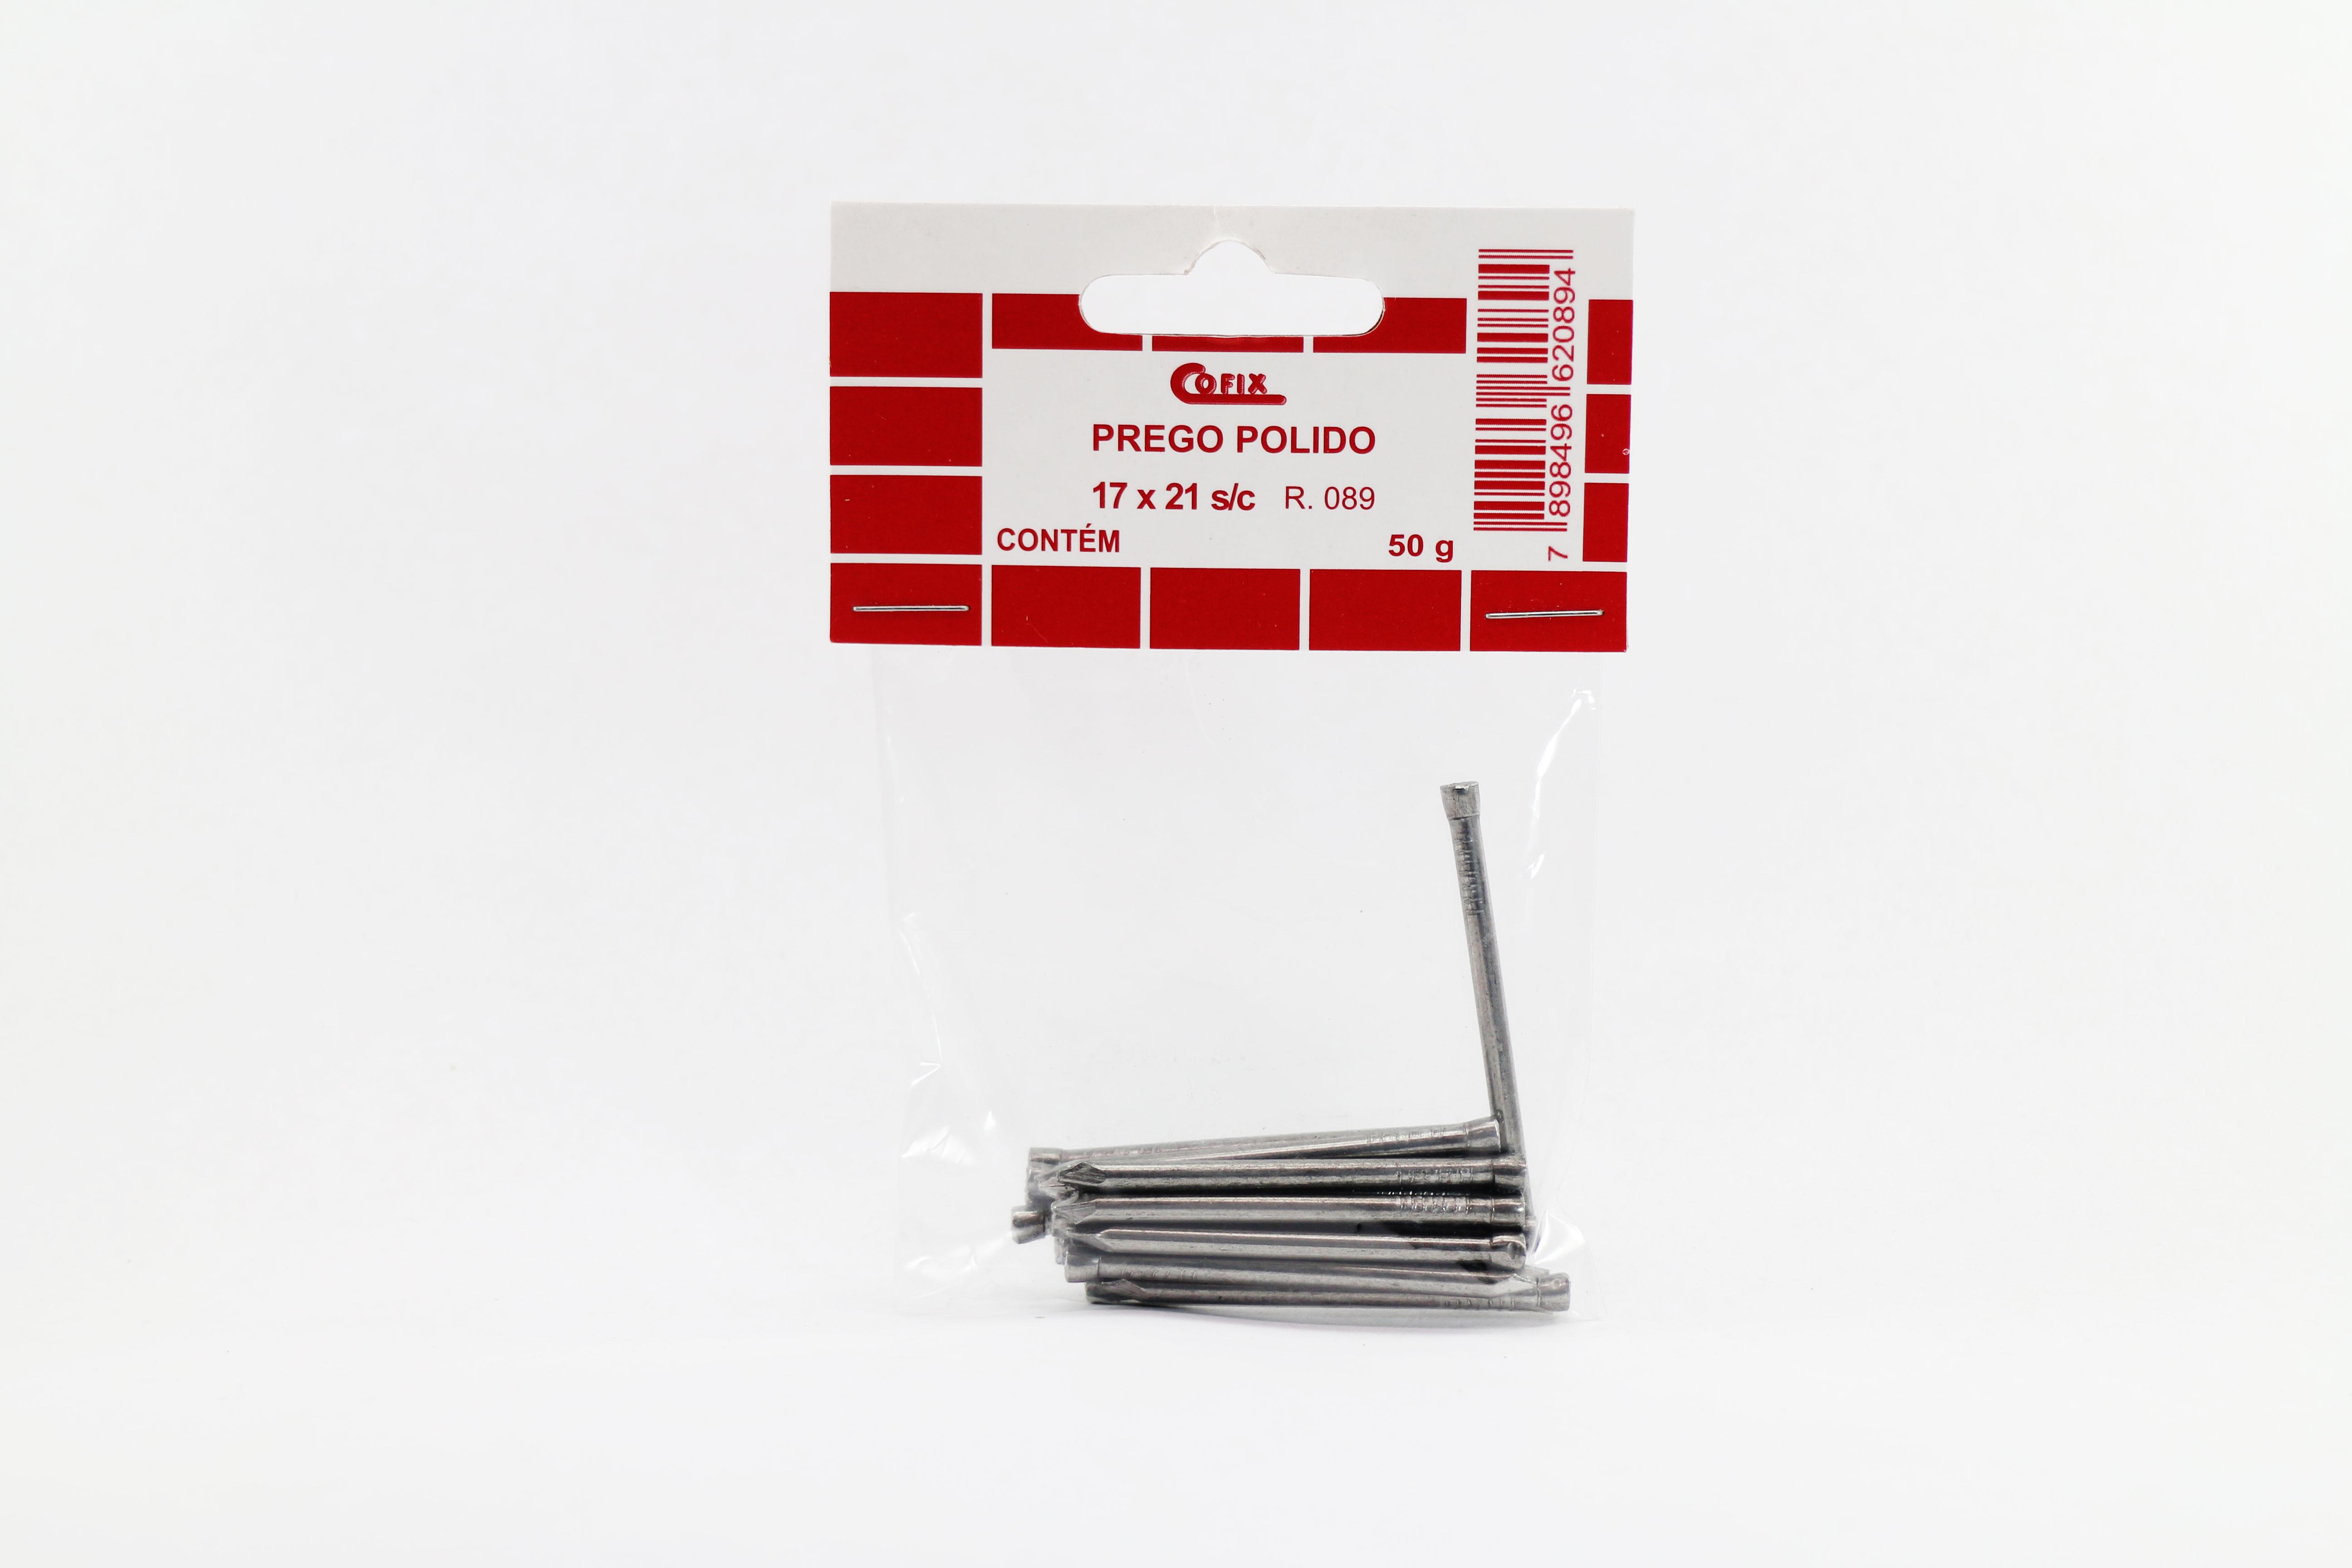 Cartela de Prego Polido sem Cabeça 17x21 50g Cofix